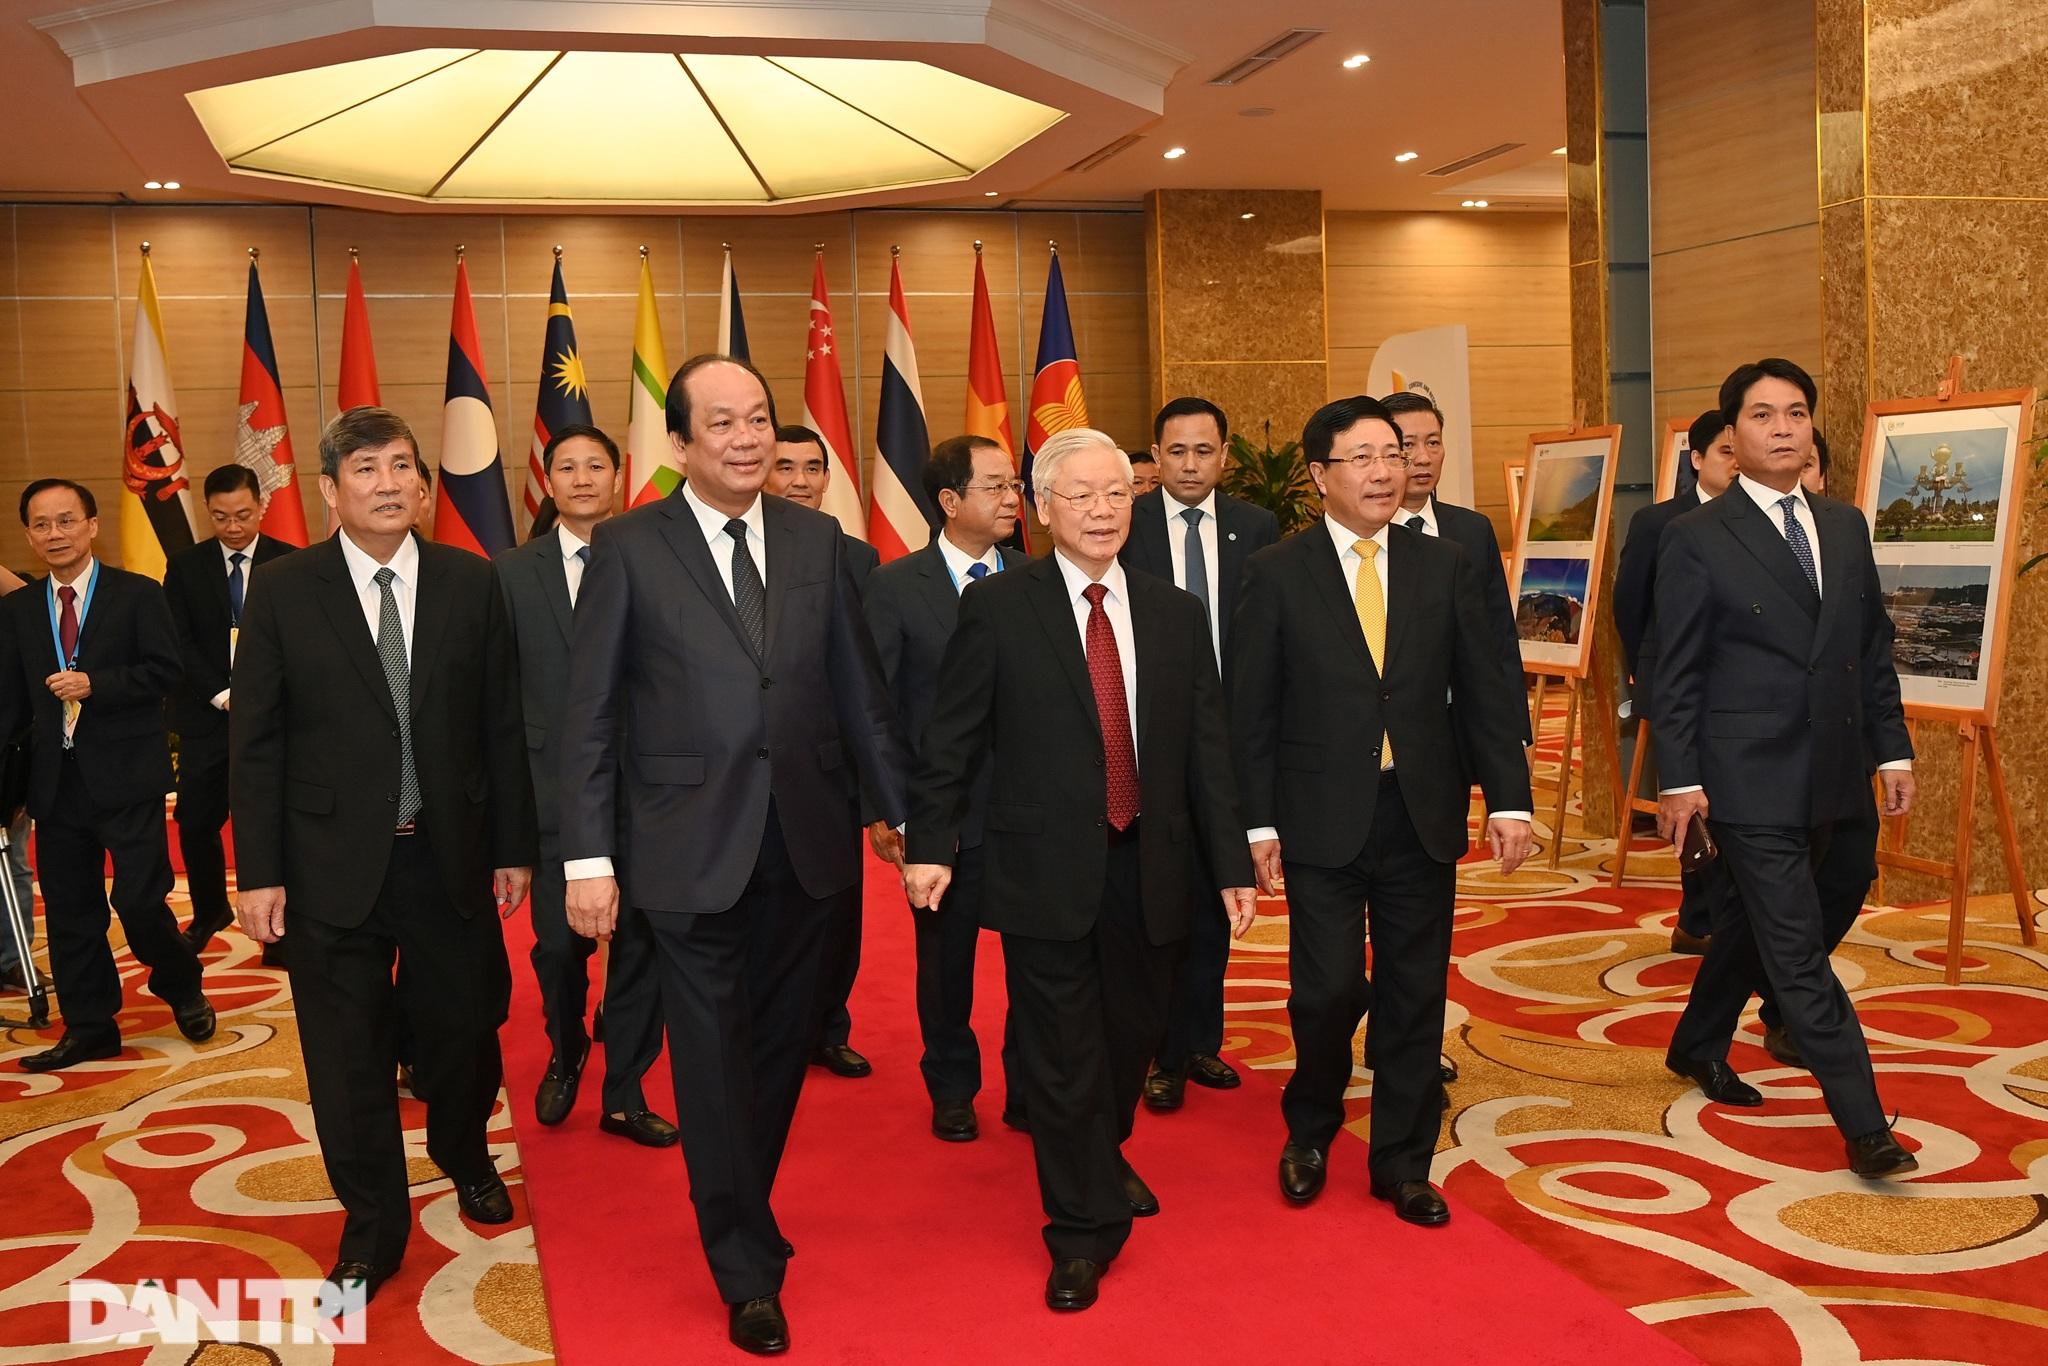 Lãnh đạo Đảng, Nhà nước dự khai mạc Hội nghị cấp cao ASEAN - 1